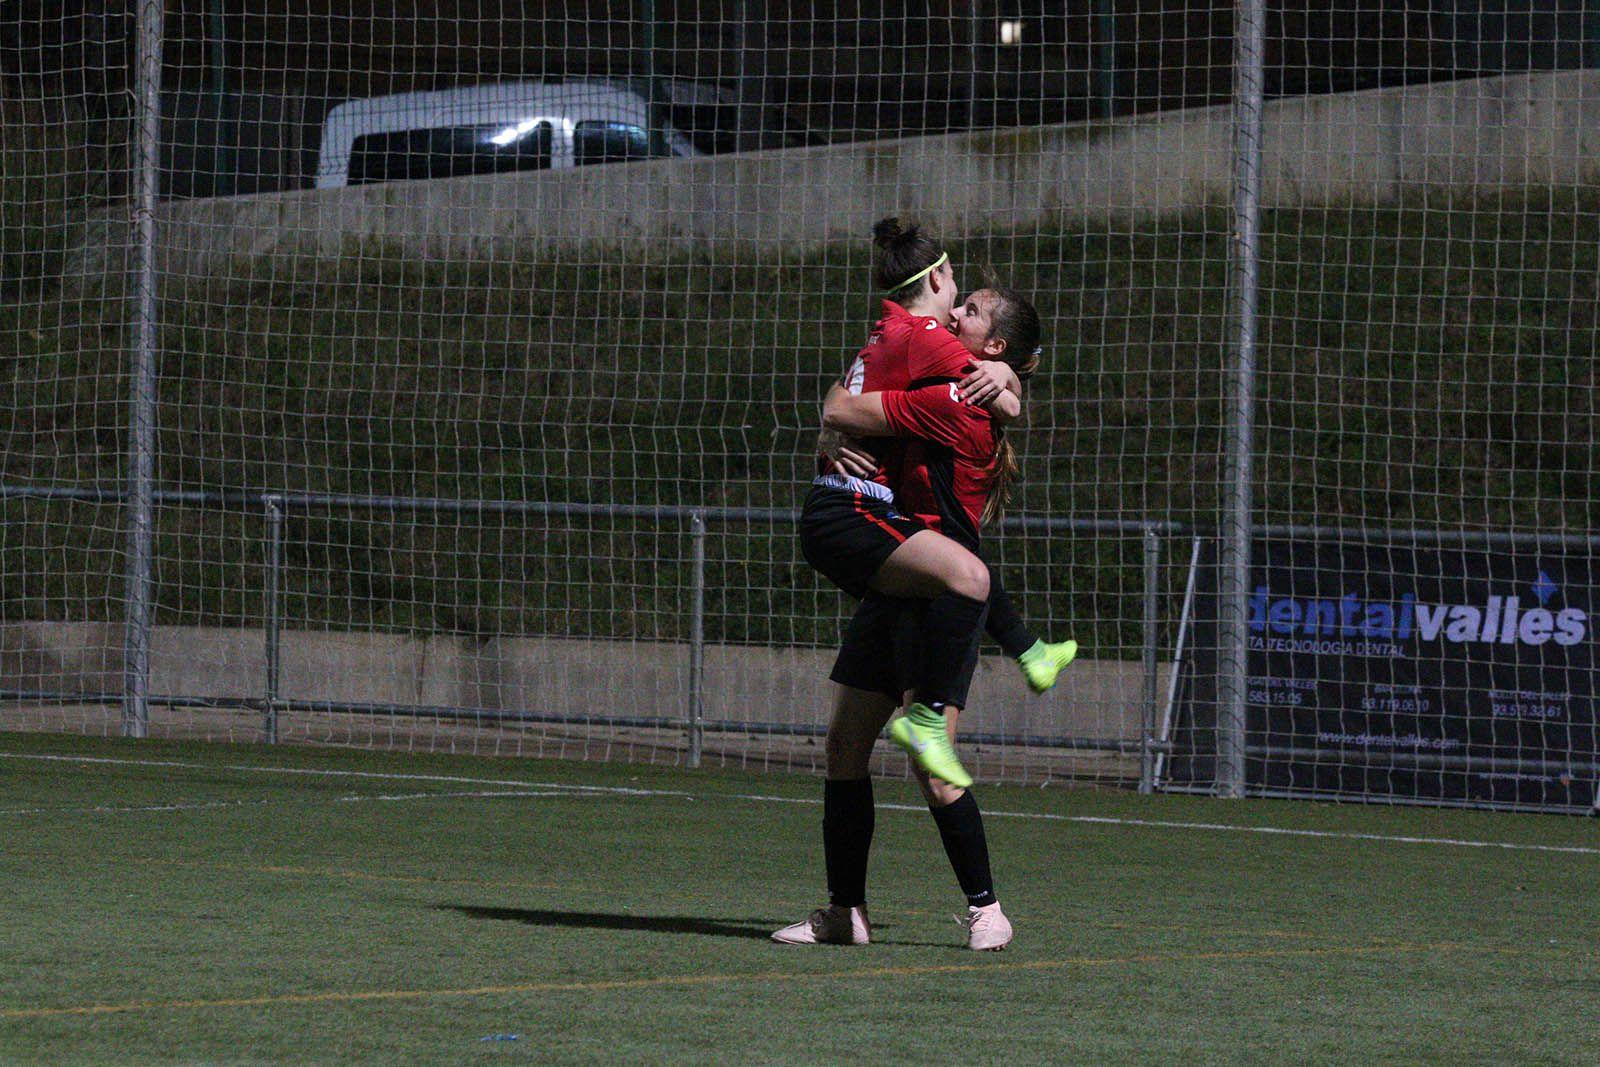 Lliga de futbol femení: Sant Cugat FC-Cerdanyola del Vallès CF. Foto: Lali Álvarez